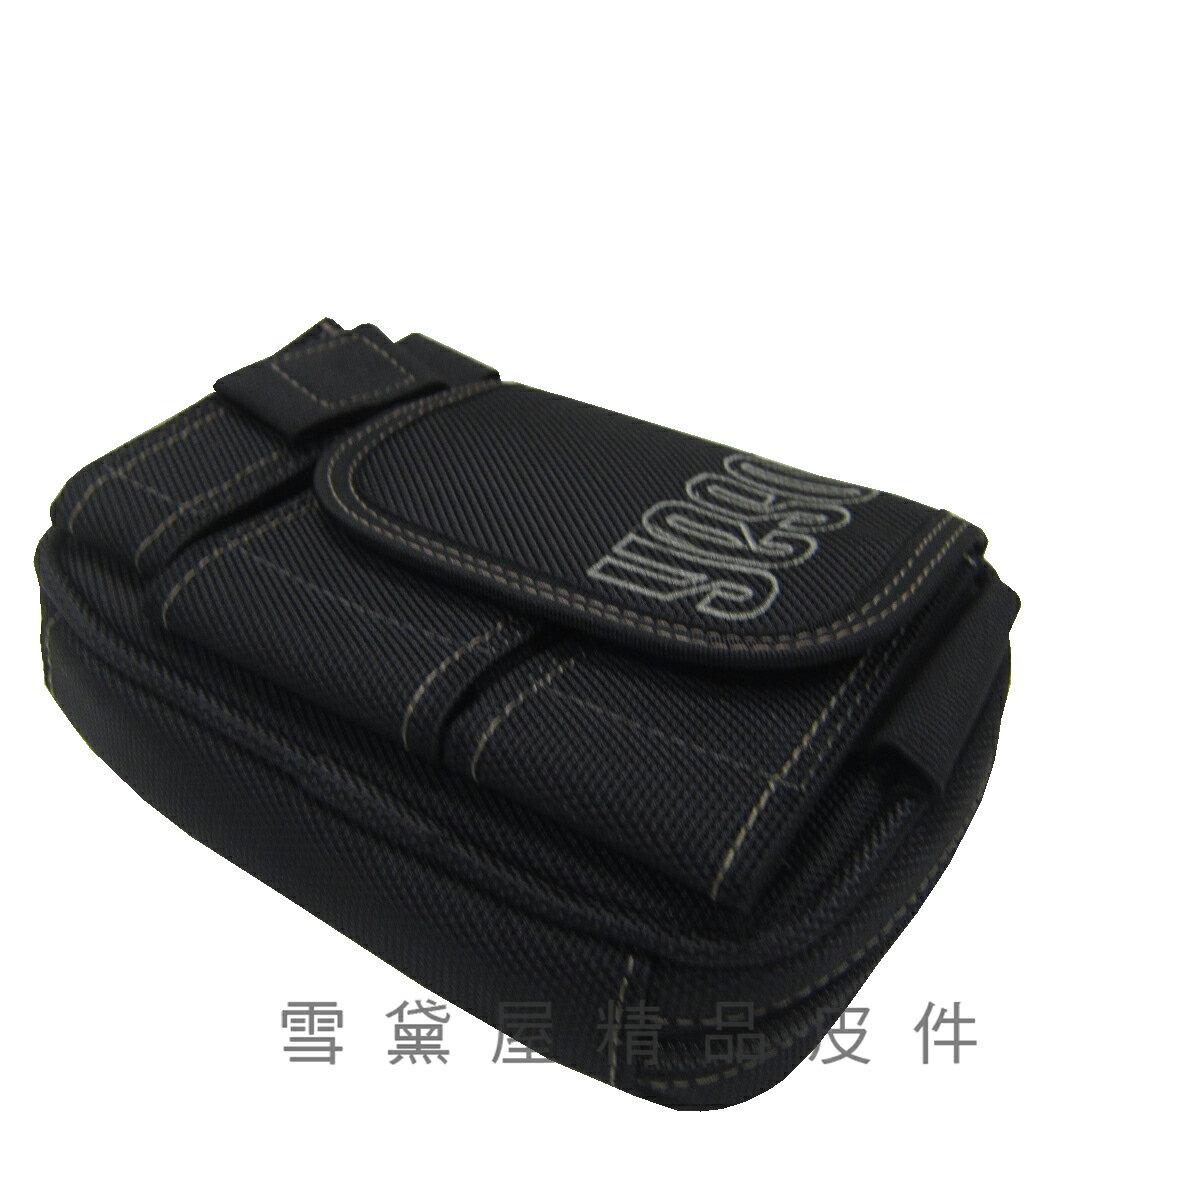 限時 滿3千賺10%點數↘ | ~雪黛屋~YESON 腰包中容量5.5吋手機掛相機包穿過皮帶固定台灣製造高單數彈道防水尼龍布材質附活動型長背帶Y561